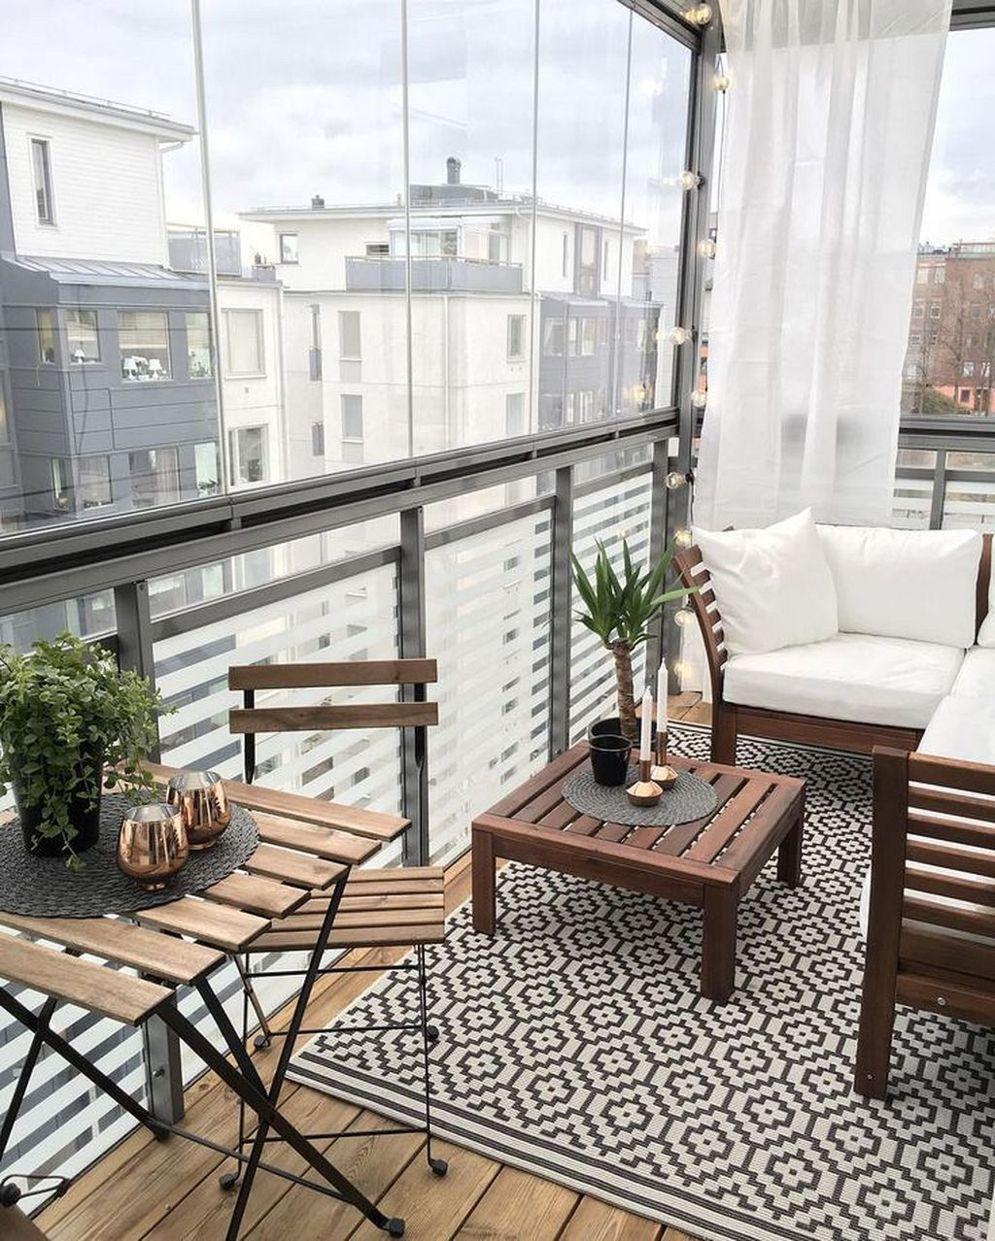 Apartment Balcony Decor Ideas Maximizing Tiny Terrace for Relaxing